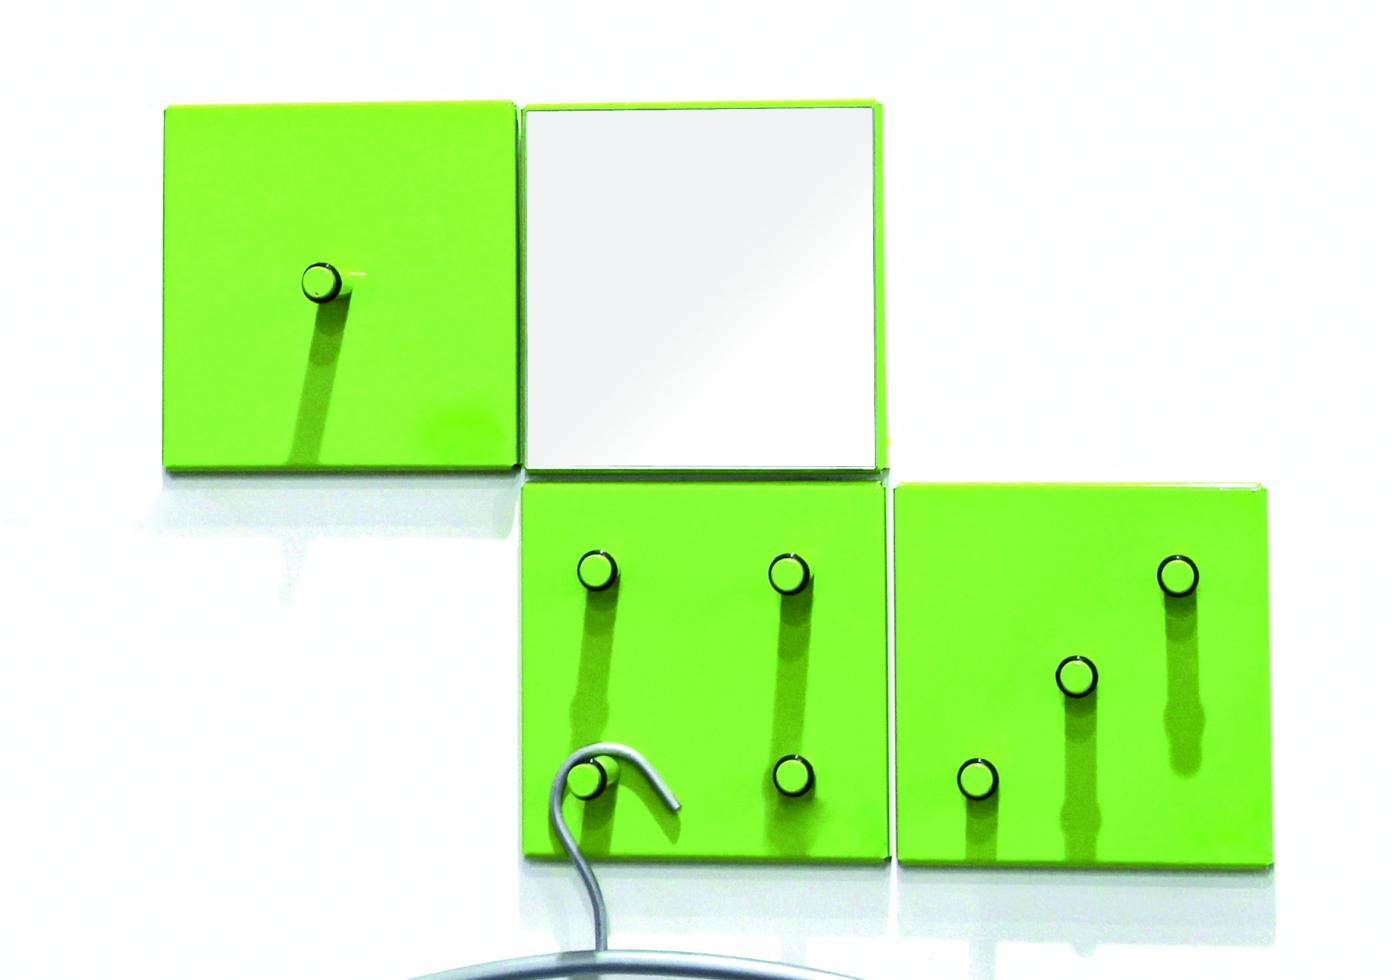 Nástěnný věšák Jordan, set 4 kusů, 15 cm, zelená